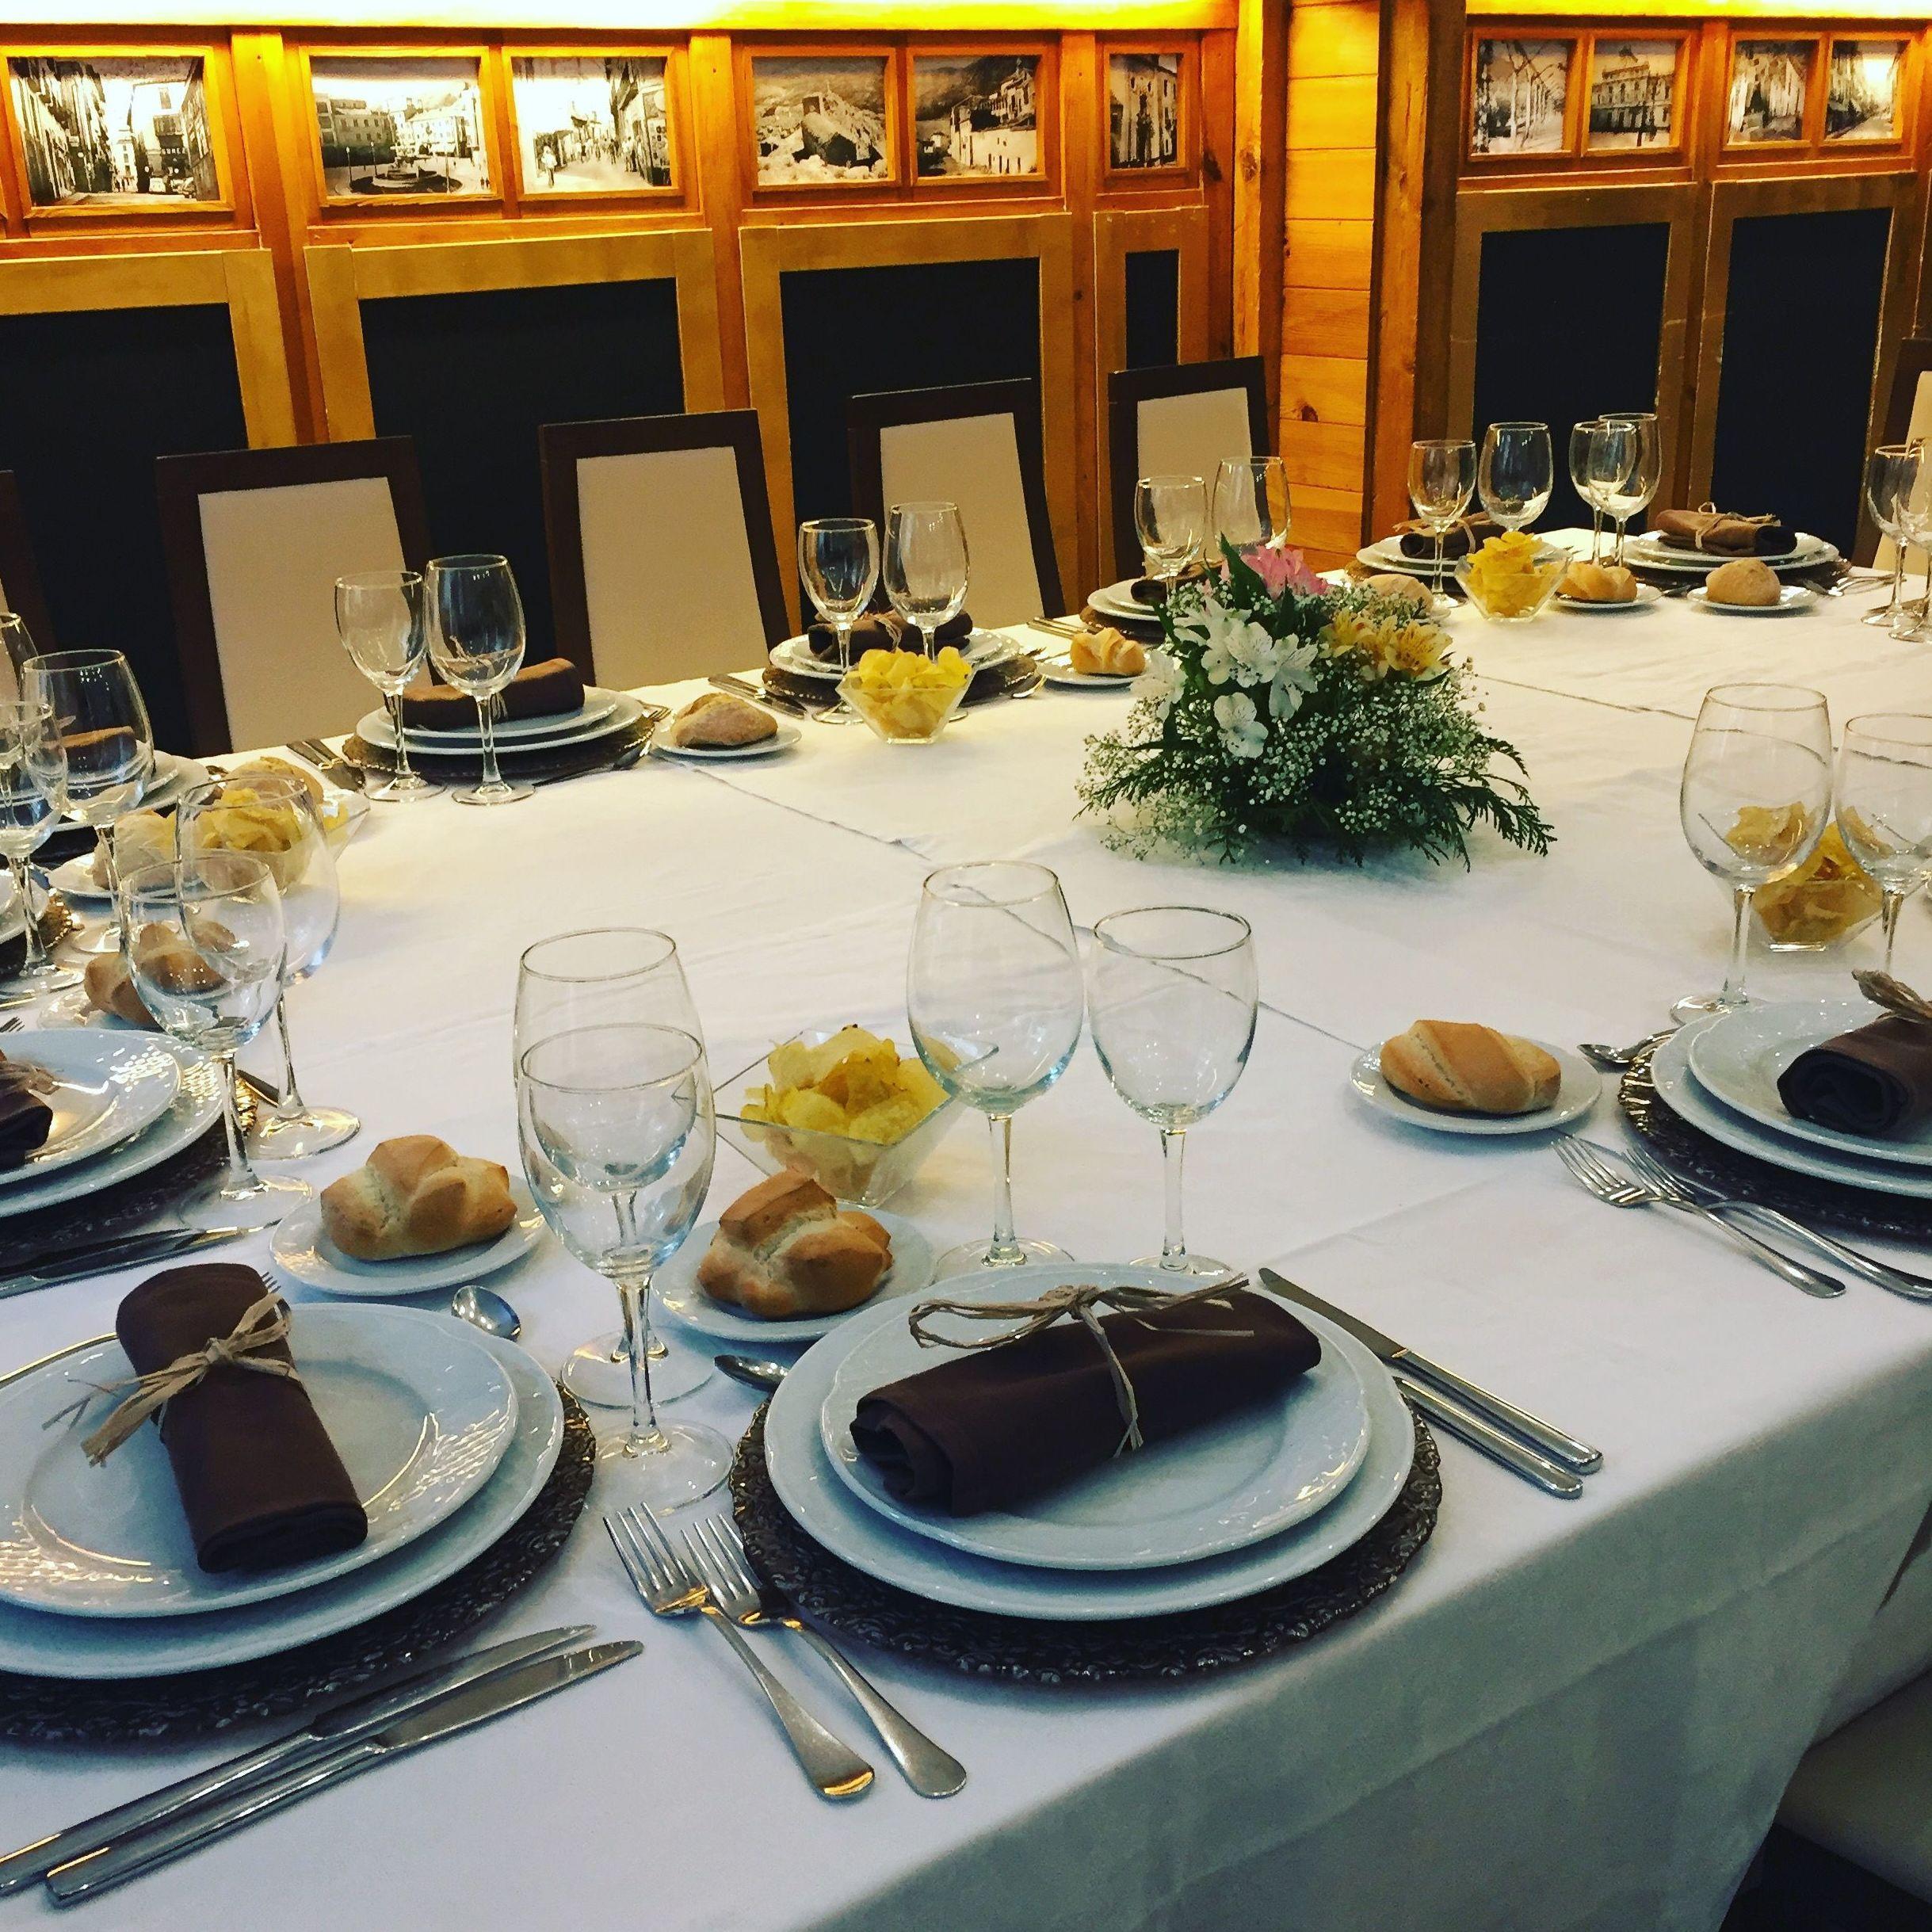 Foto 2 de Restaurante en Jaén | La Espuela